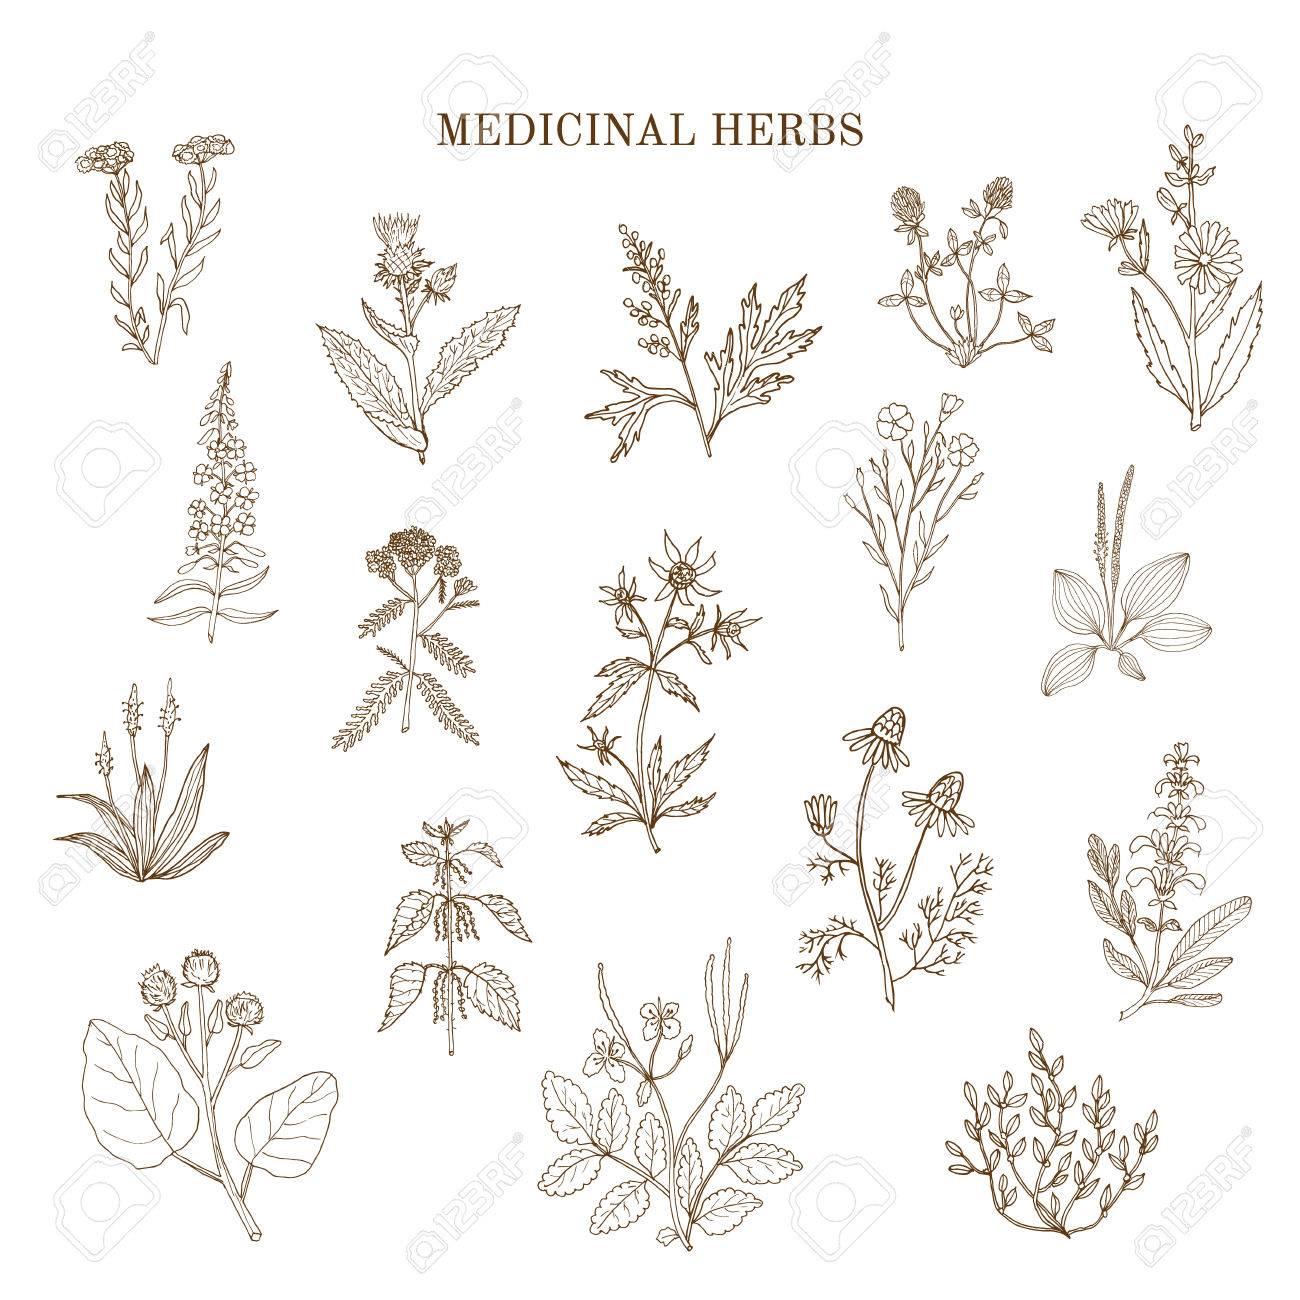 メディカル ハーブのヴィンテージ コレクション手描き植物イラスト